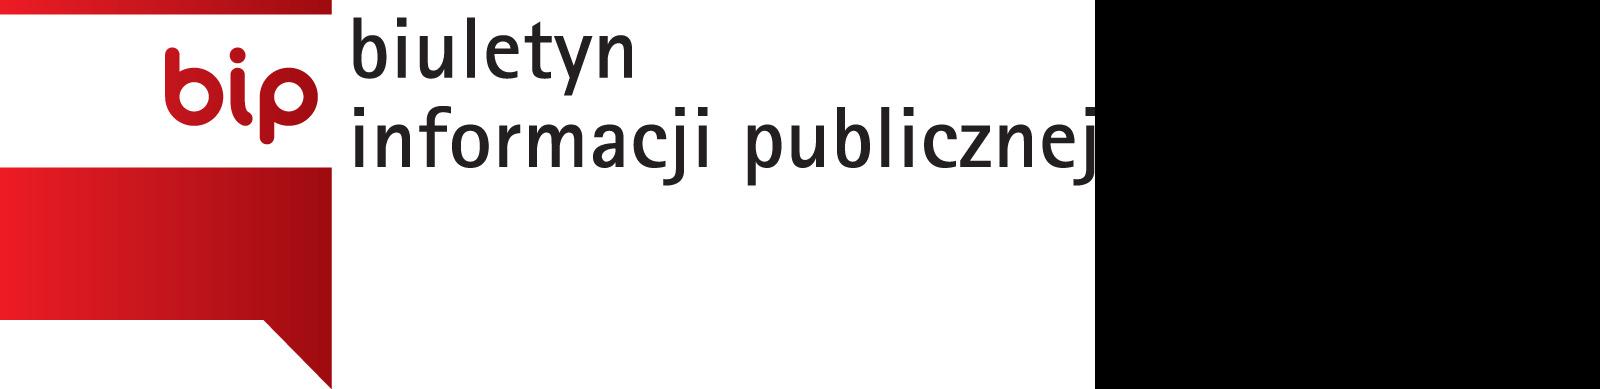 Biuletyn Informacji Publicznej - Miejski Ośrodek Pomocy Społecznej w Ostródzie